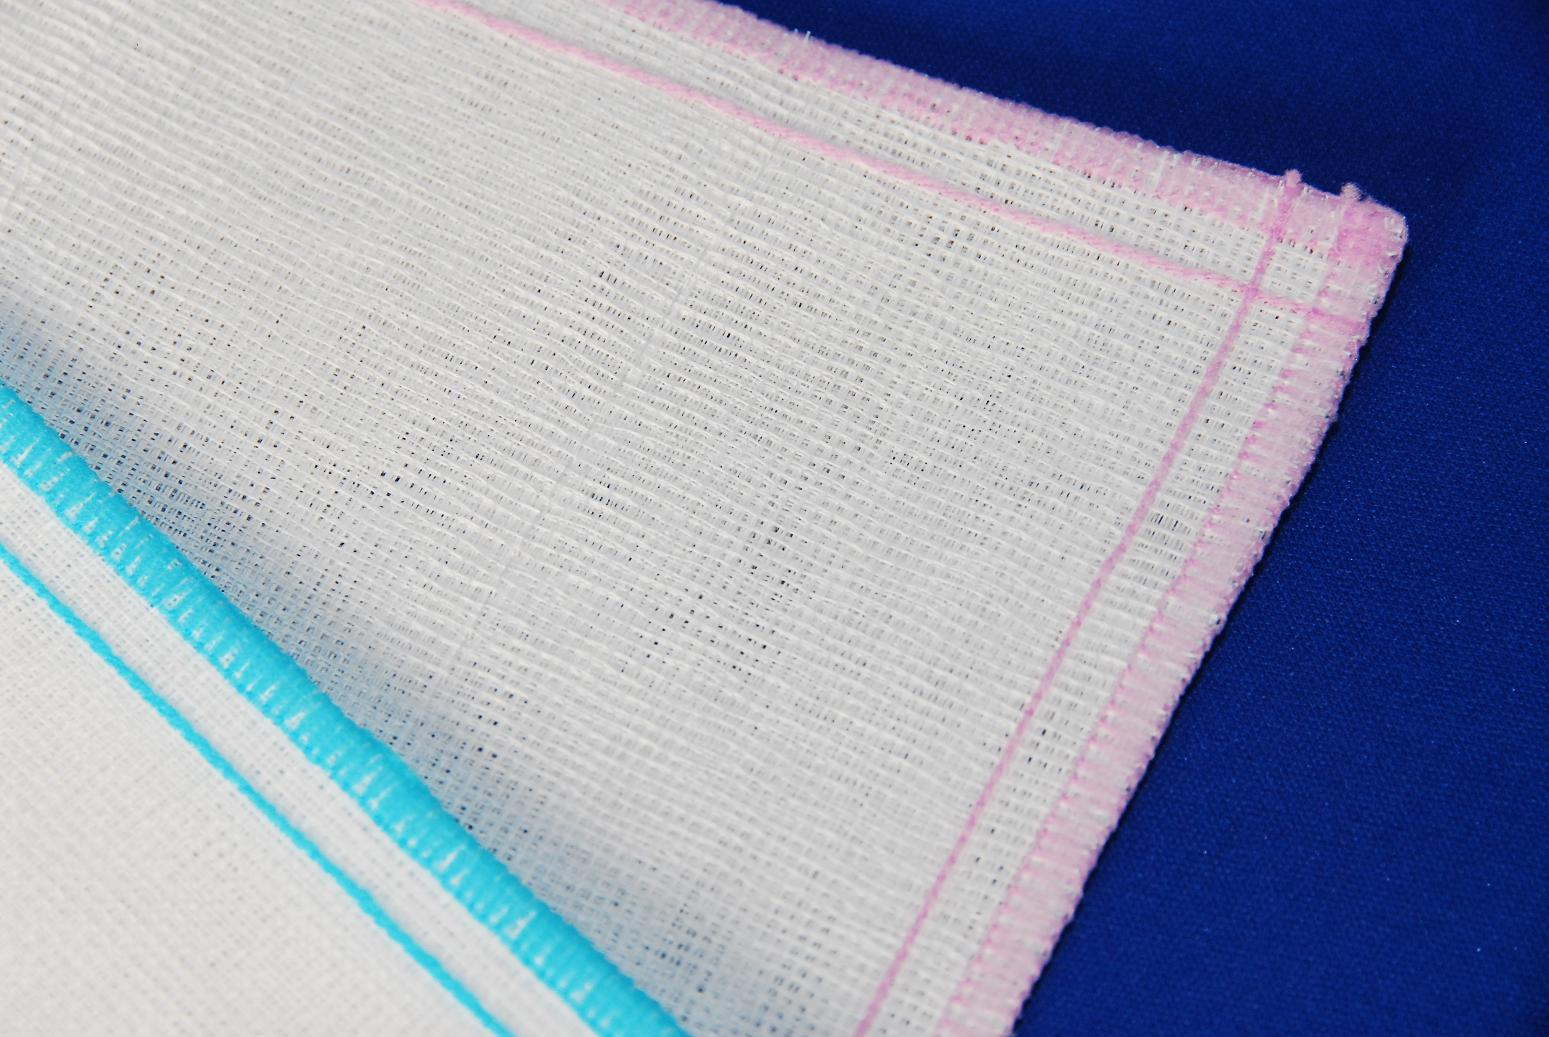 大人気!昔ながらの蚊帳地仕様のふきん 天然素材100%丈夫で長持ち。清潔気持ちいい。赤ちゃんにも安心ダイニチオリジナル。引っ越しのご挨拶などに最適! サンサンフキン(3枚1組)